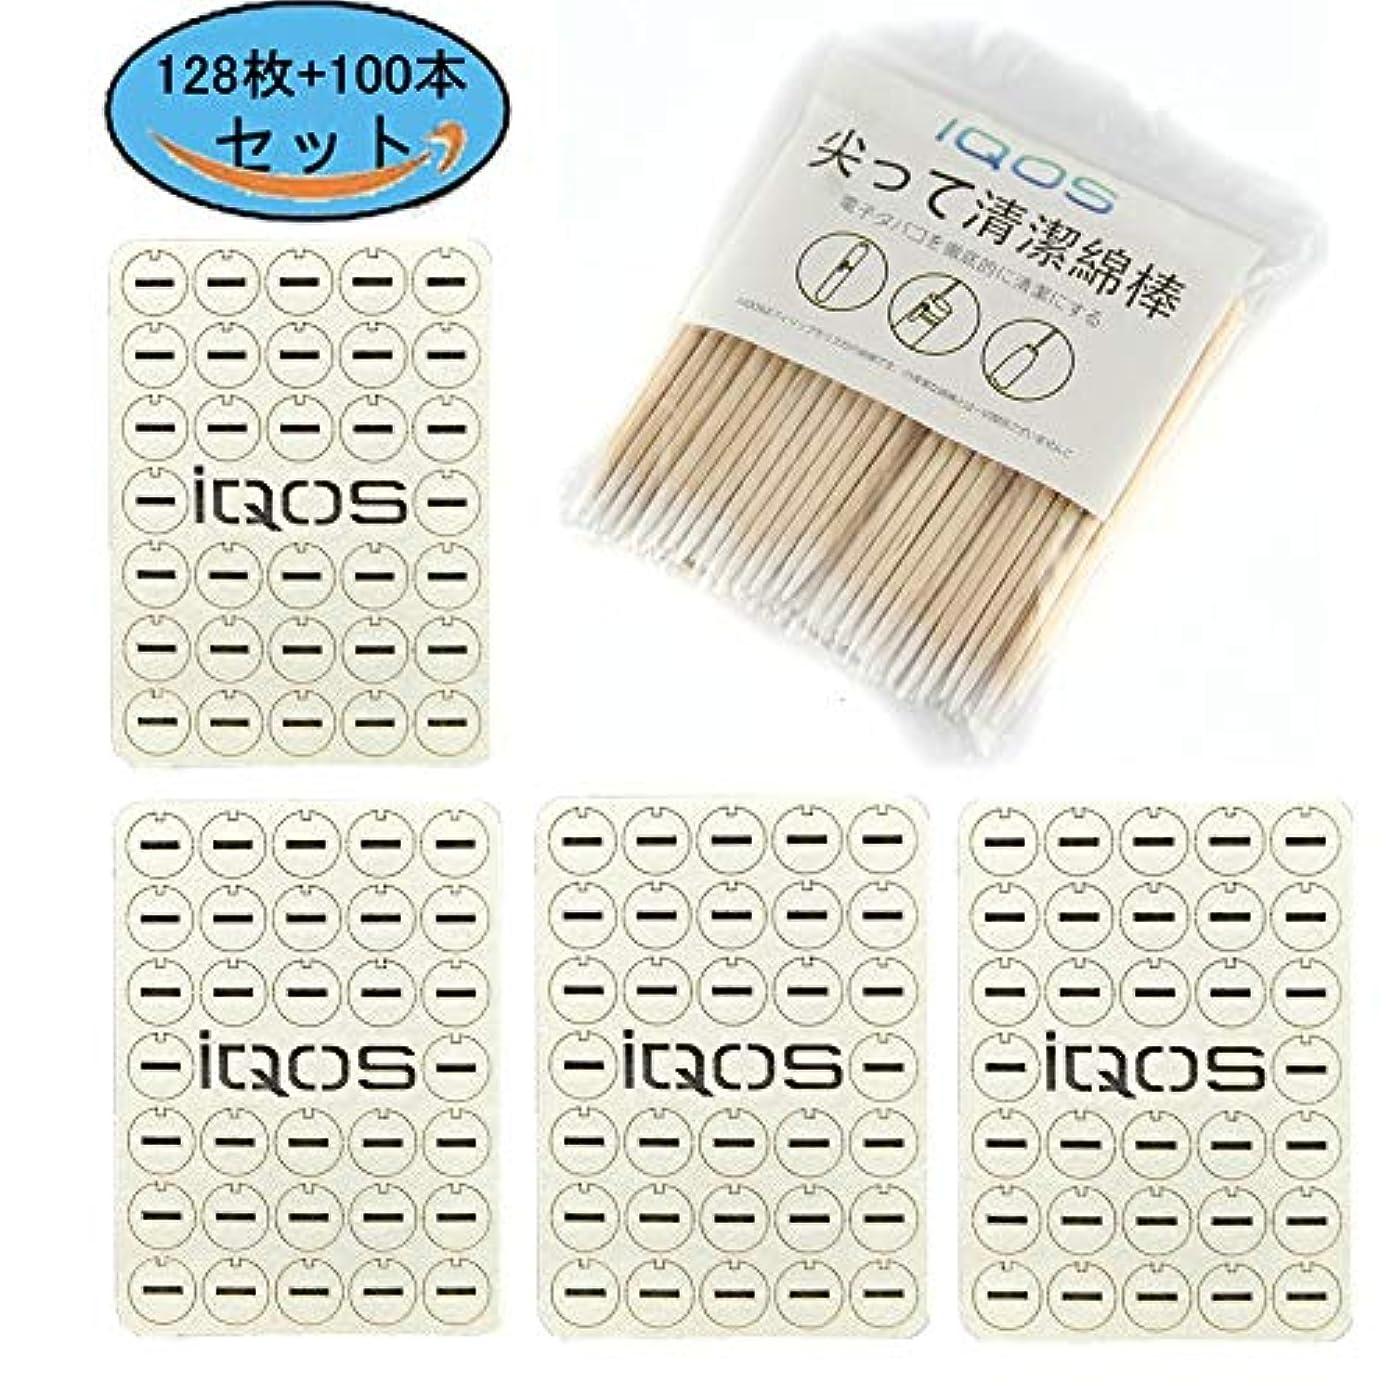 めまいが弁護士形容詞アイコス IQOS 油吸収マット 4枚 + クリーニングスティック 綿棒 セット [OKTOKYU] iqosクリーンマット 清潔マット 清掃キット iqos3 クリーニング